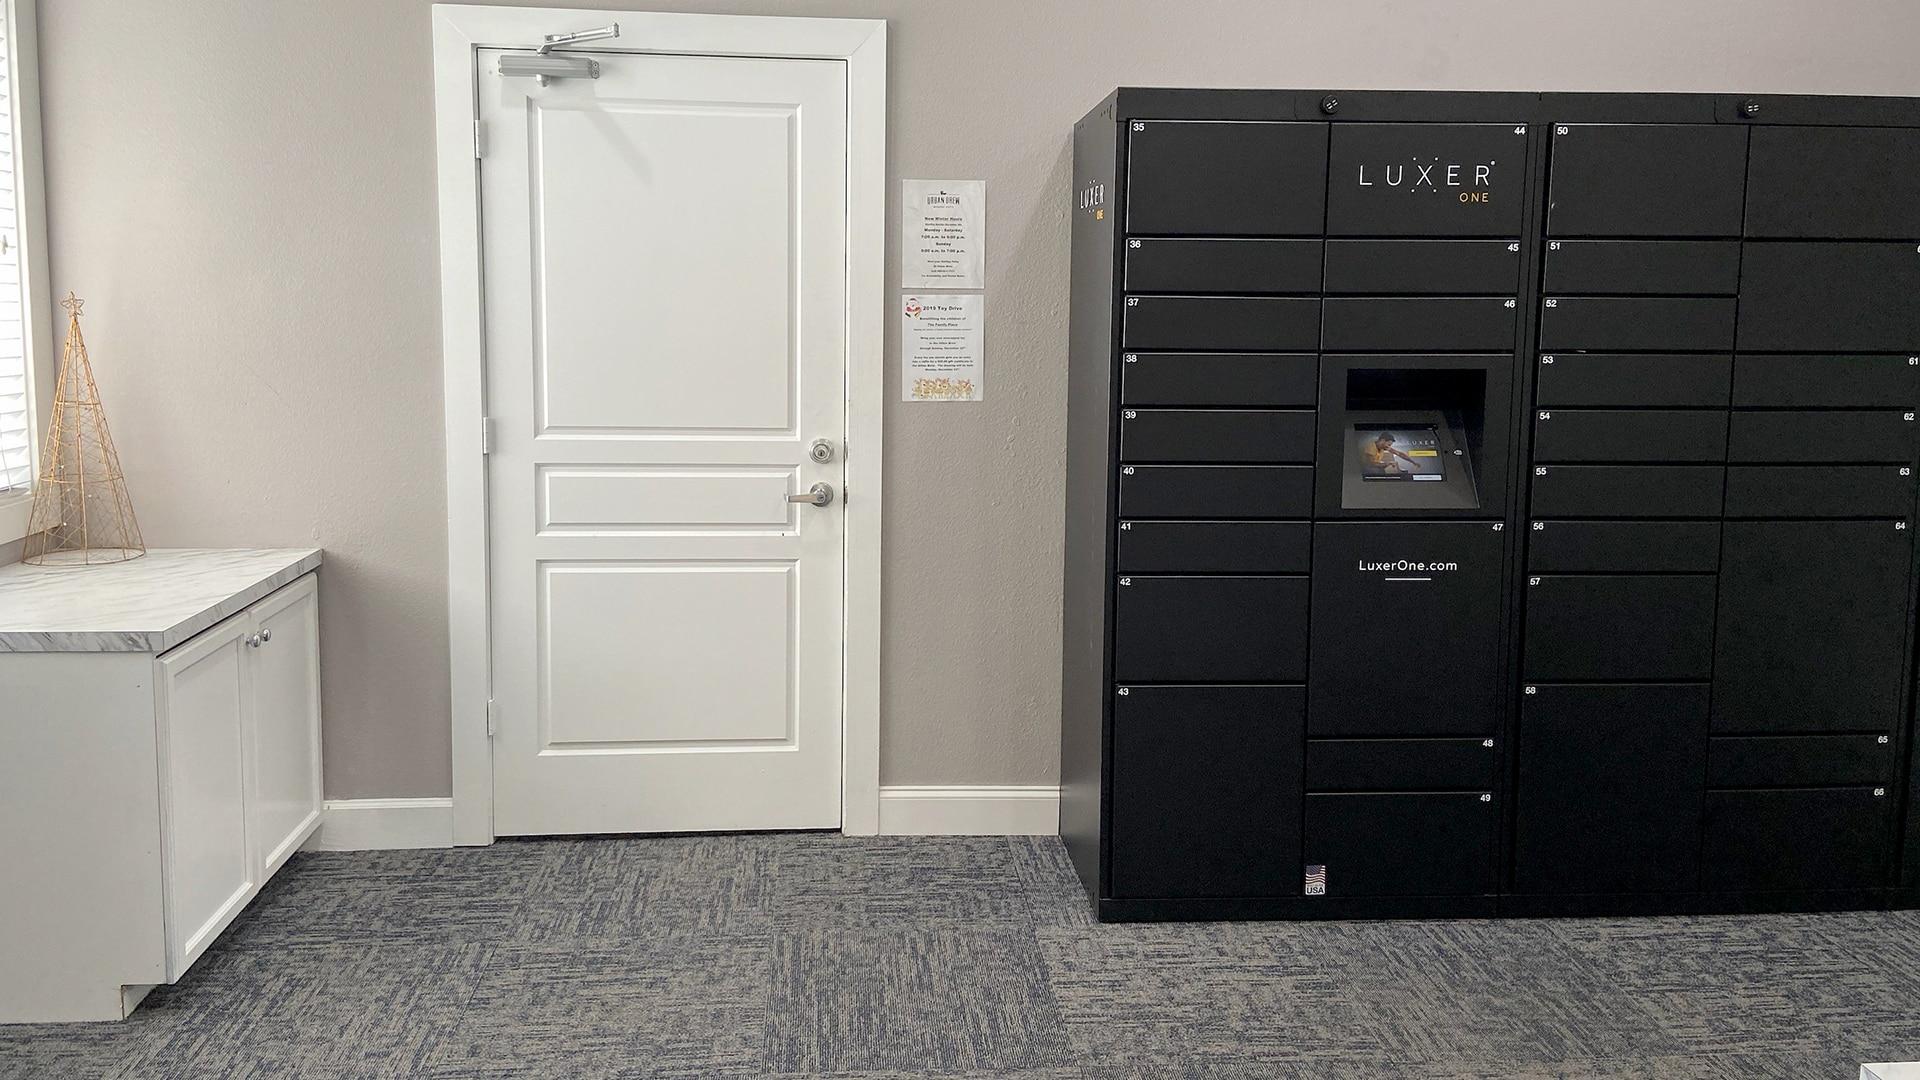 Package Receiving Lockers